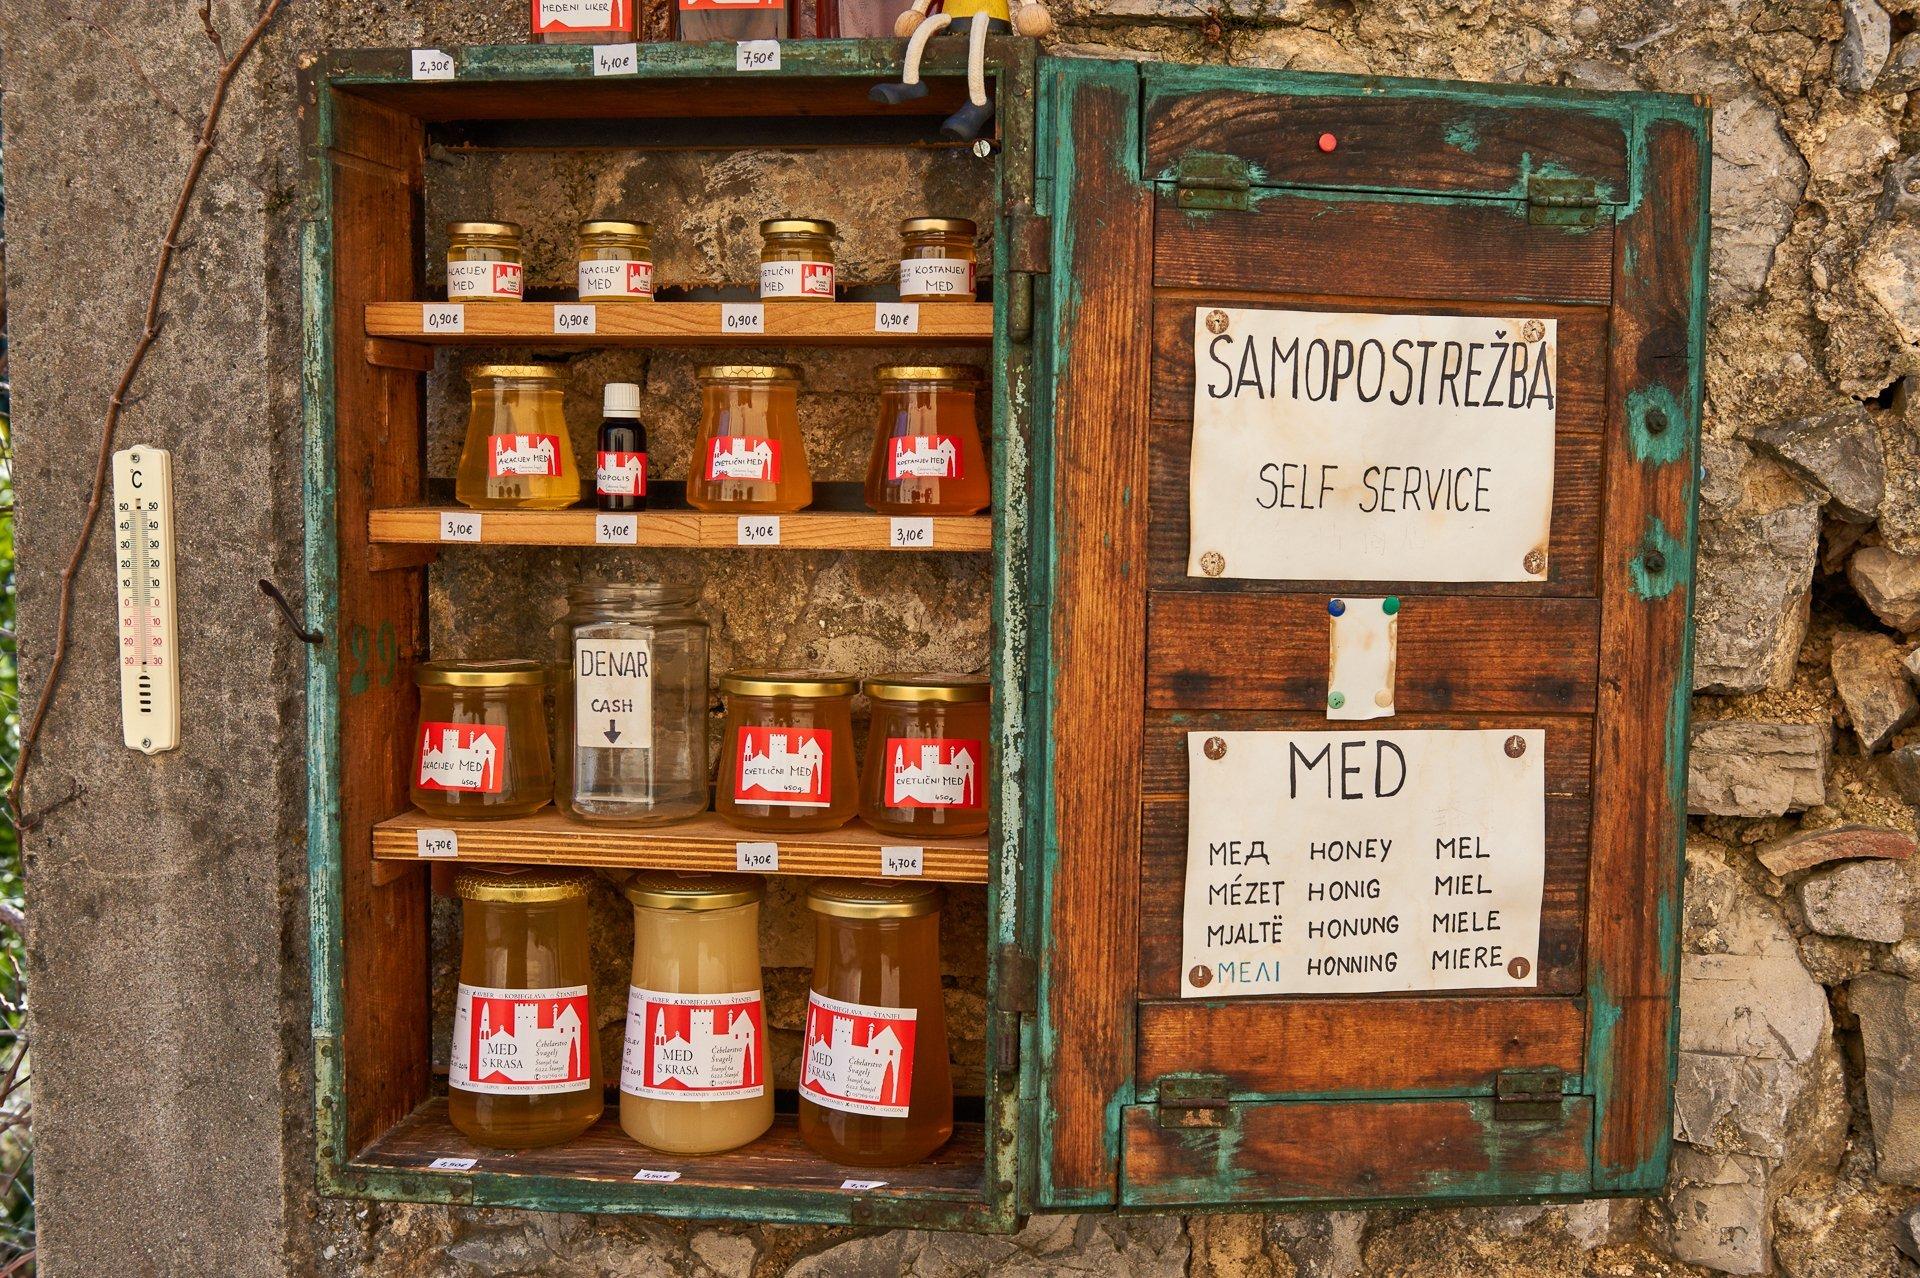 Honey in Slovenia 2020 - Best Time